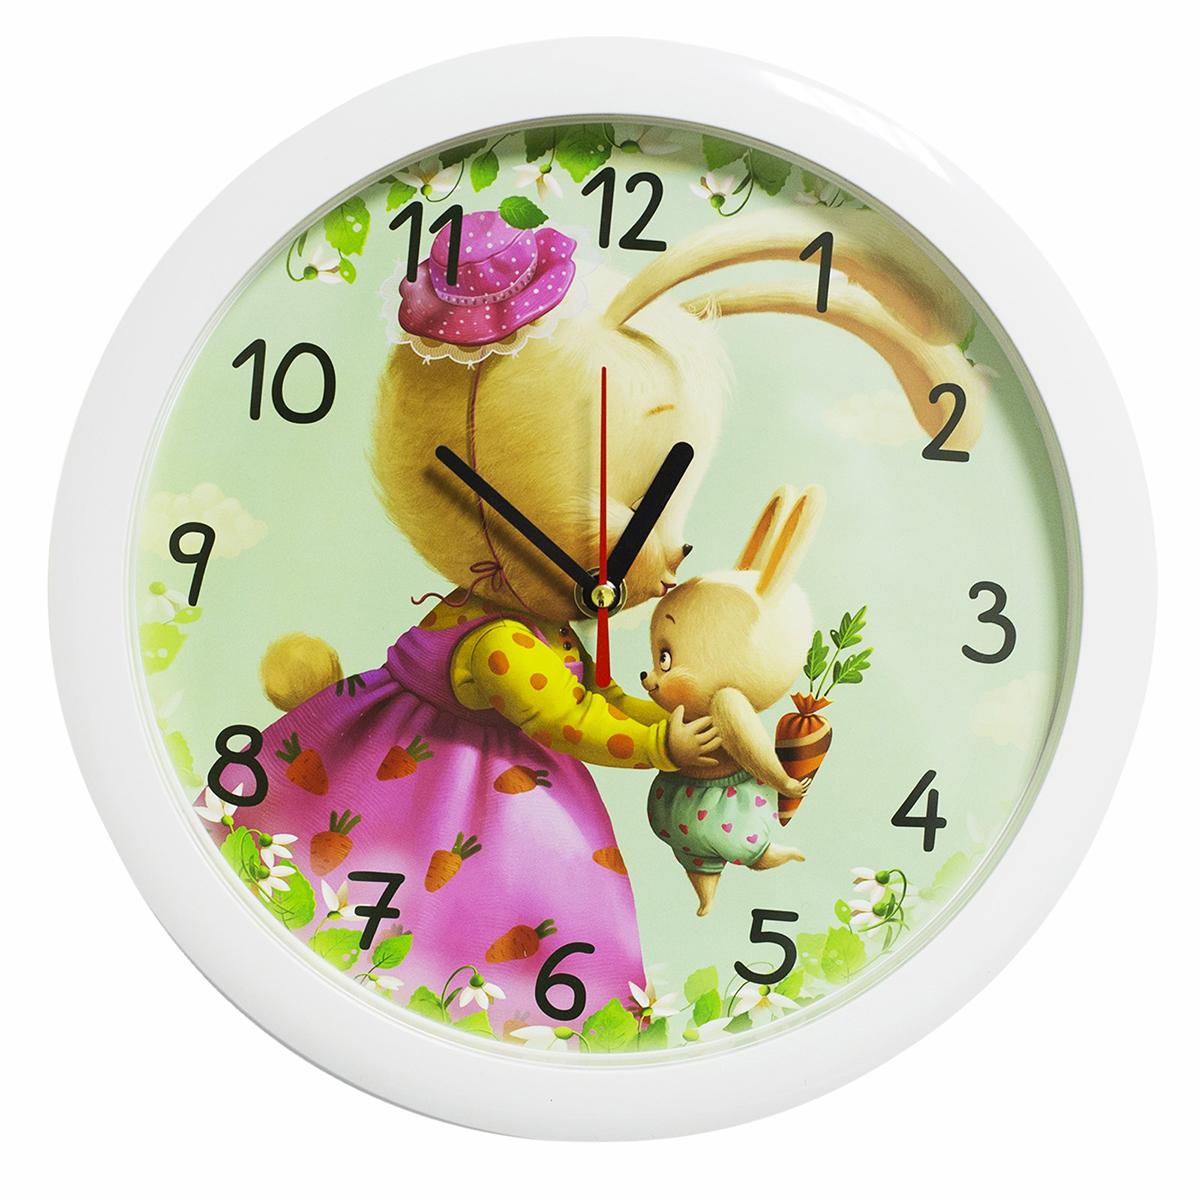 Часы настенные Соломон Зайки2436378Каждому хозяину периодически приходит мысль обновить свою квартиру, сделать ремонт, перестановку или кардинально поменять внешний вид каждой комнаты. — привлекательная деталь, которая поможет воплотить вашу интерьерную идею, создать неповторимую атмосферу в вашем доме. Окружите себя приятными мелочами, пусть они радуют глаз и дарят гармонию.Настенные часы пластик Зайки, белый обод 2436378